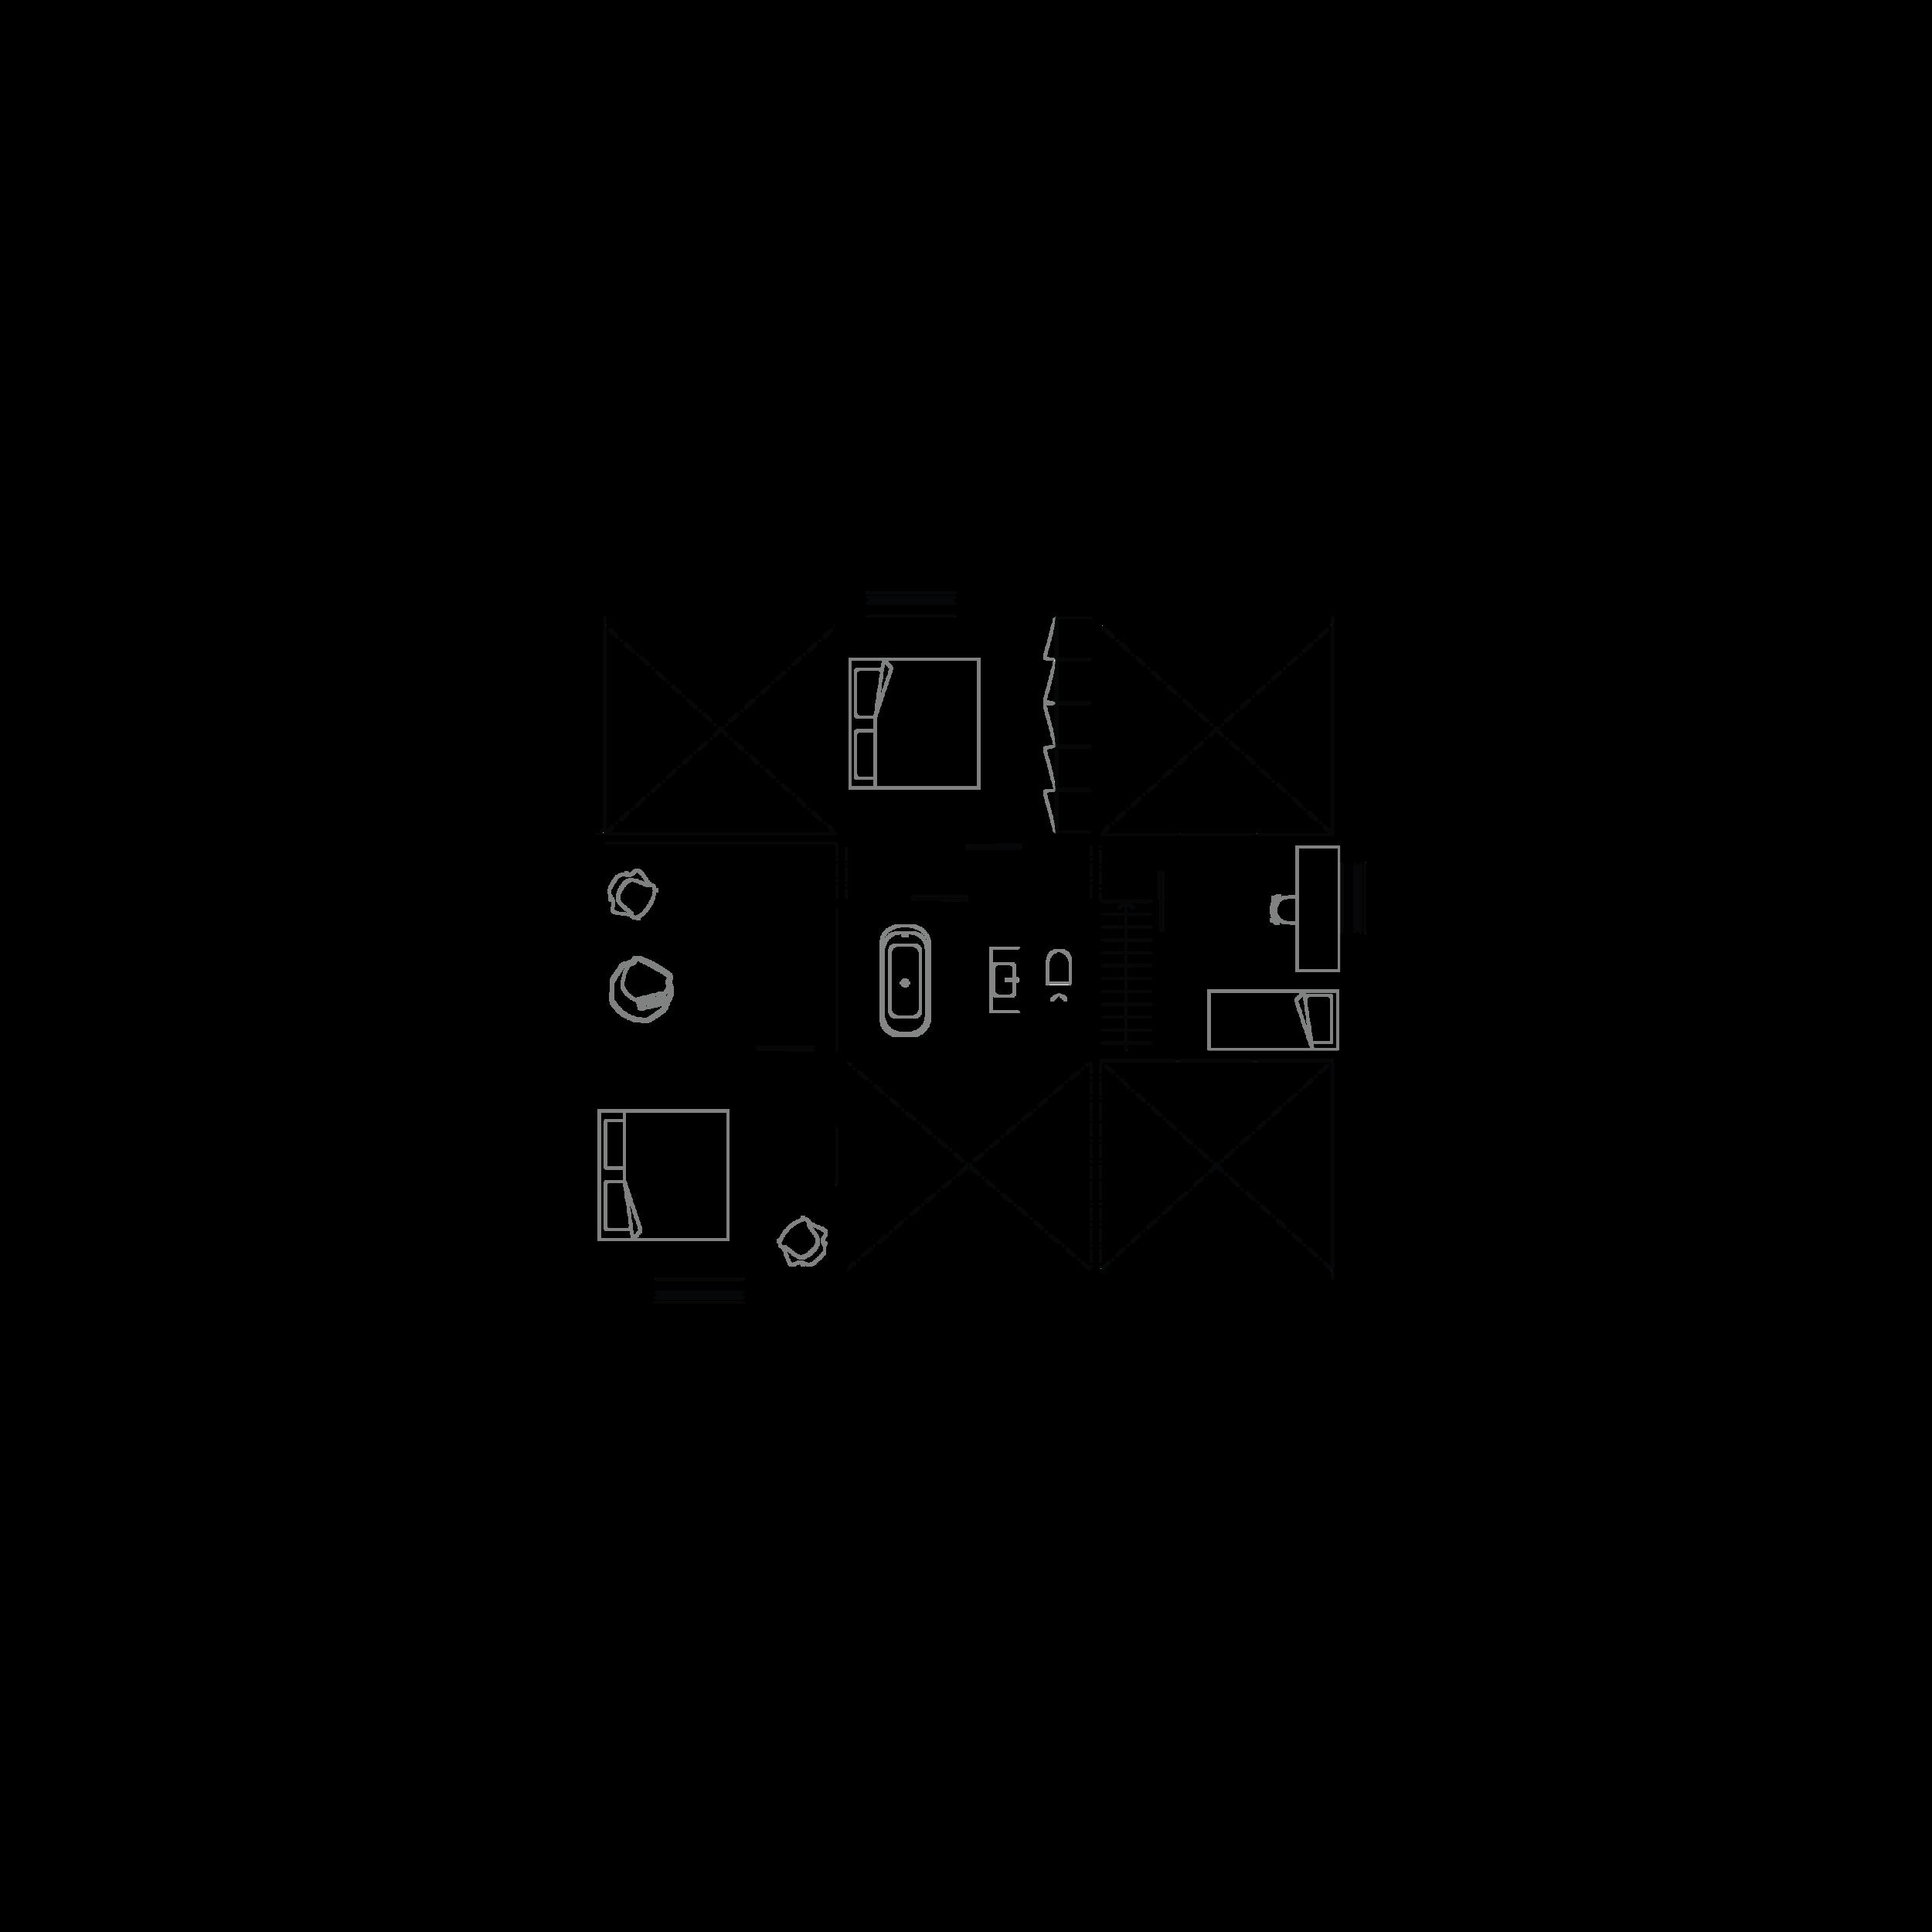 F012_WEB 5x.png